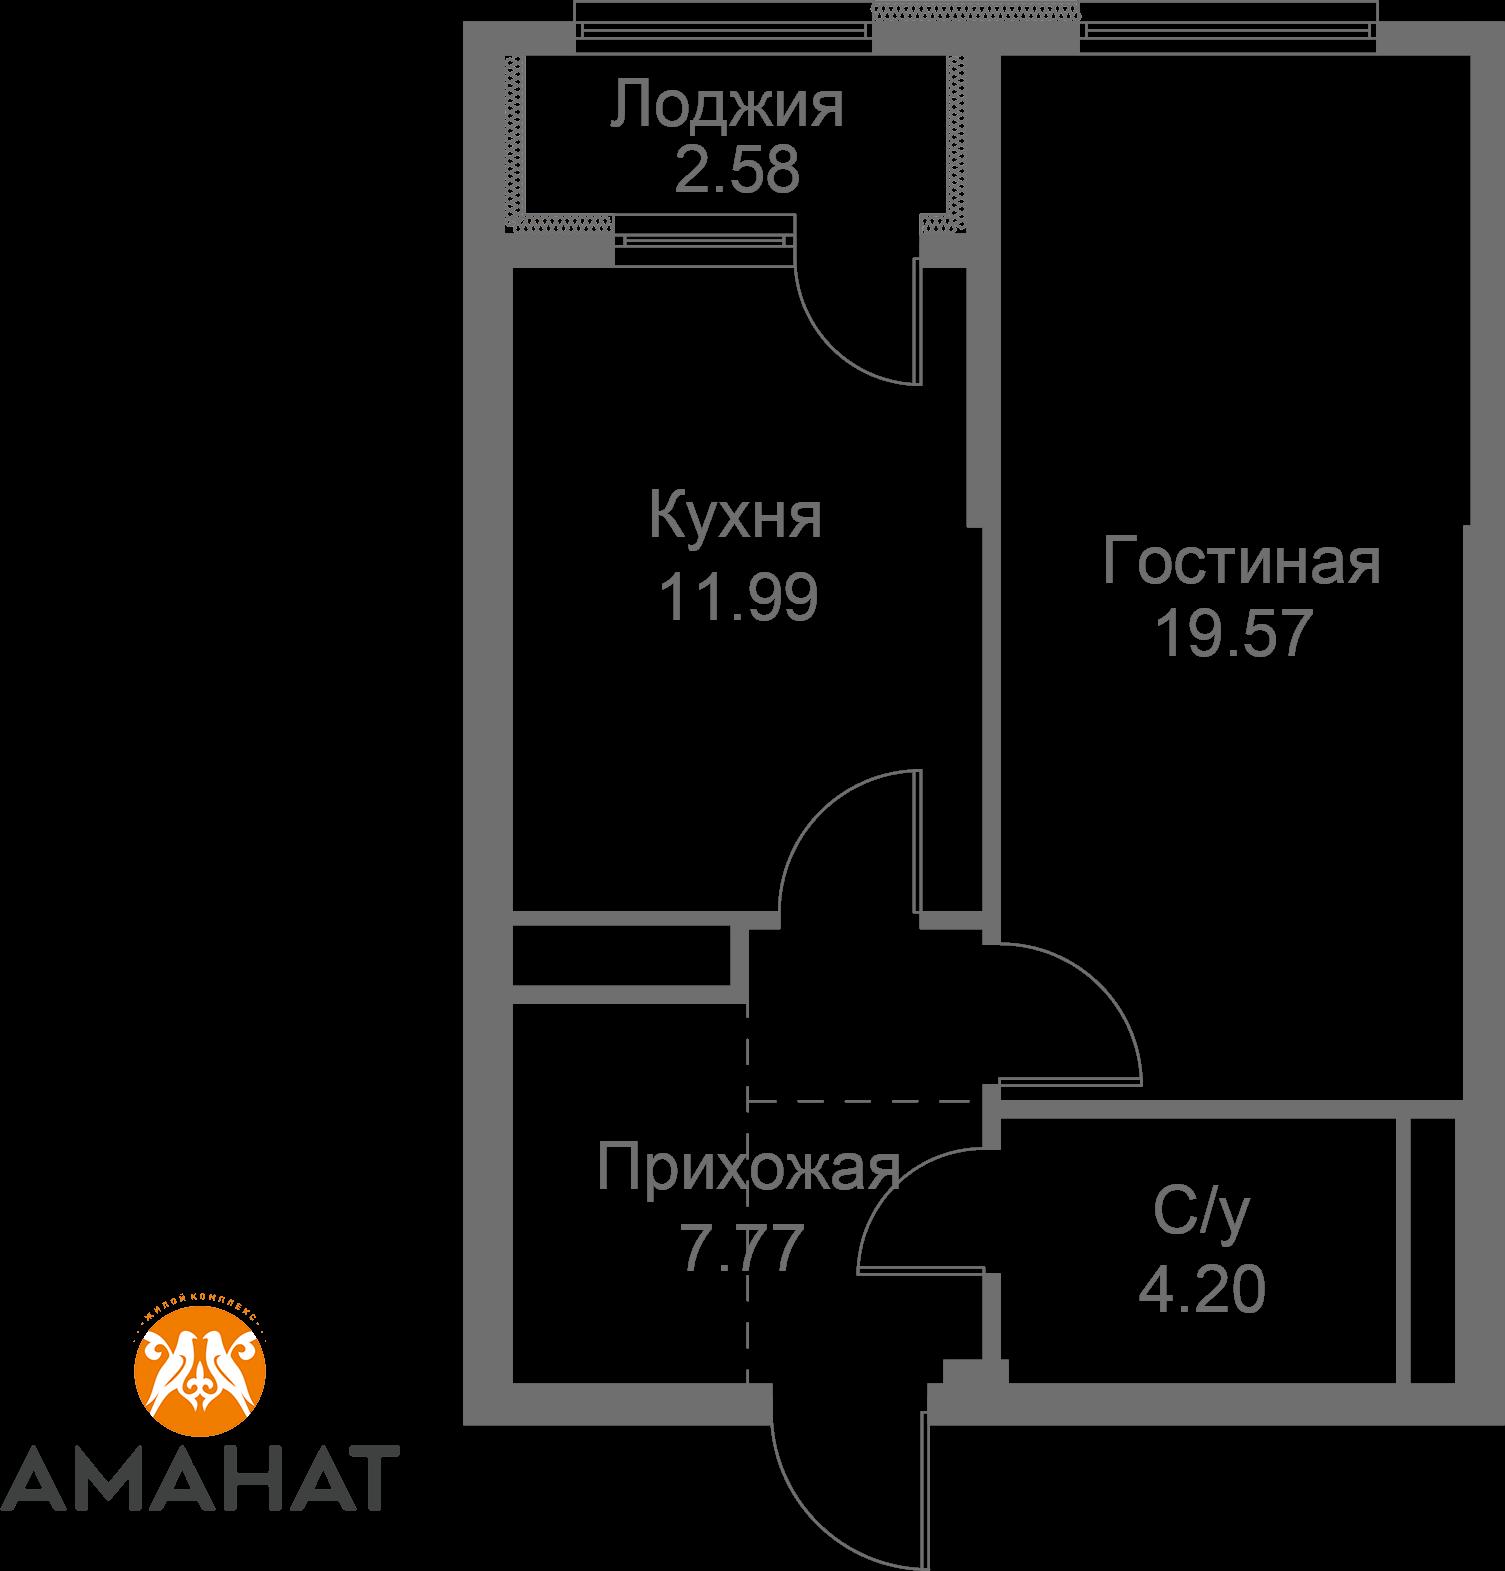 Квартира 291